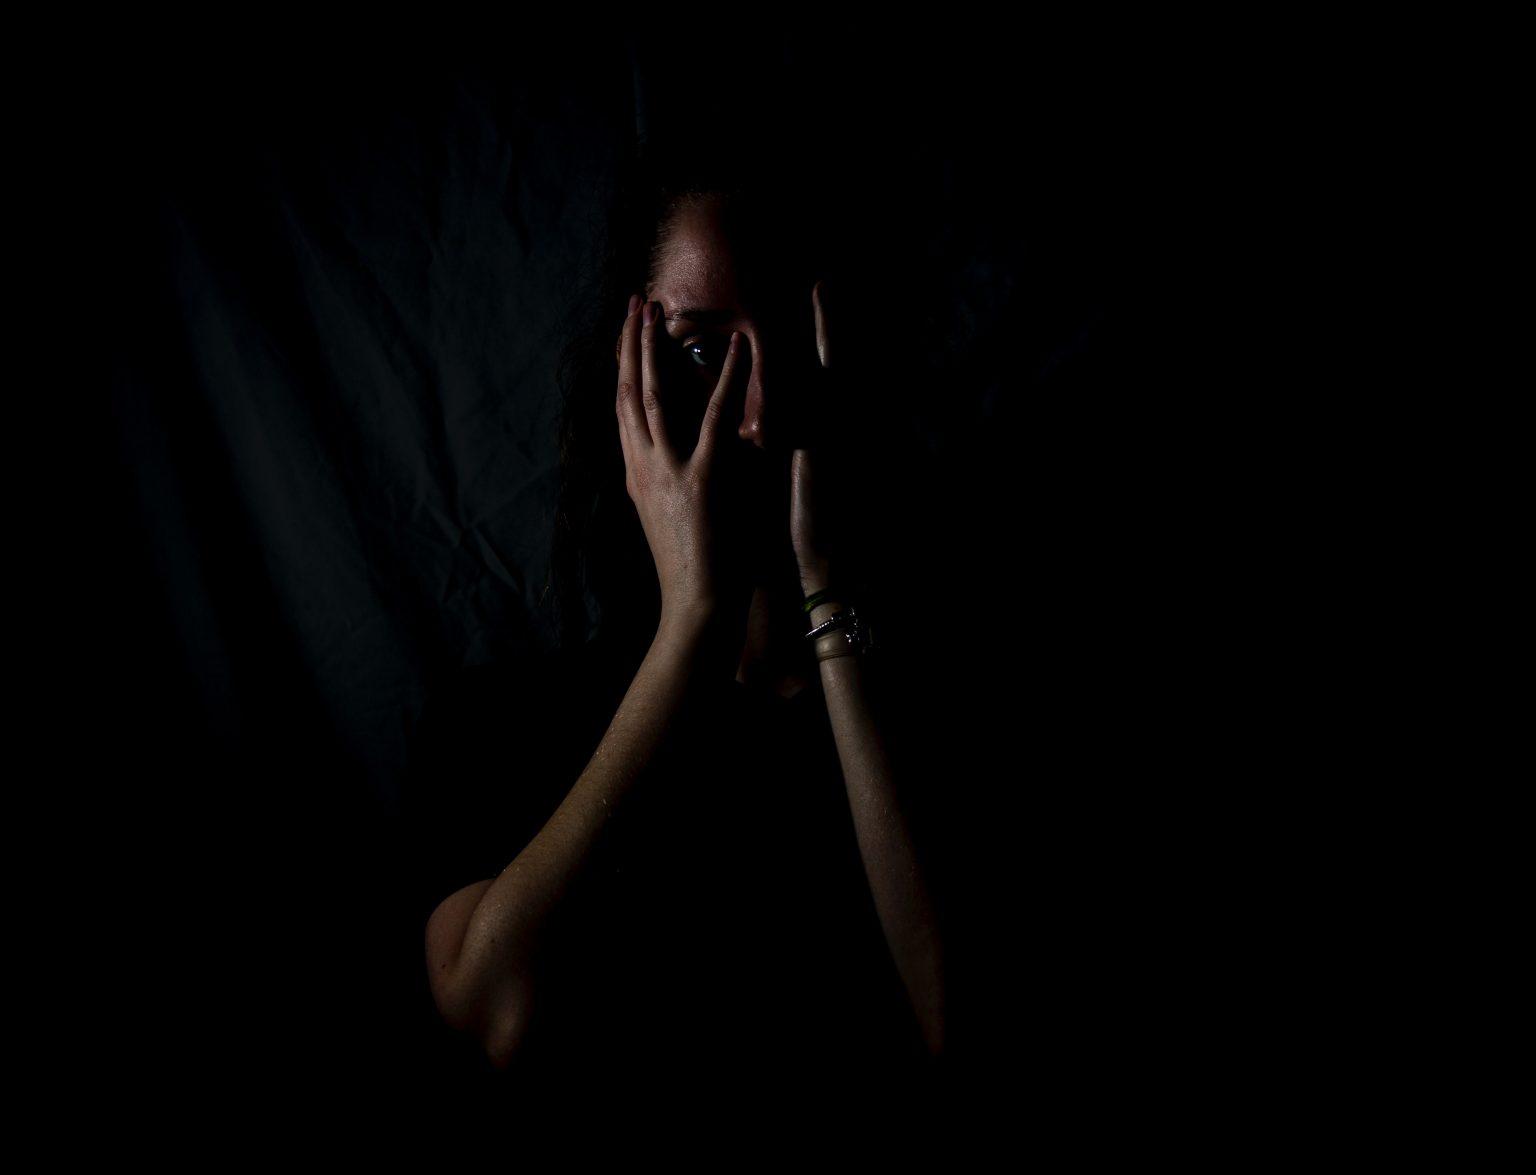 ქალთა მიმართ ძალადობა პანდემიის ჩრდილქვეშ • ForbesWoman